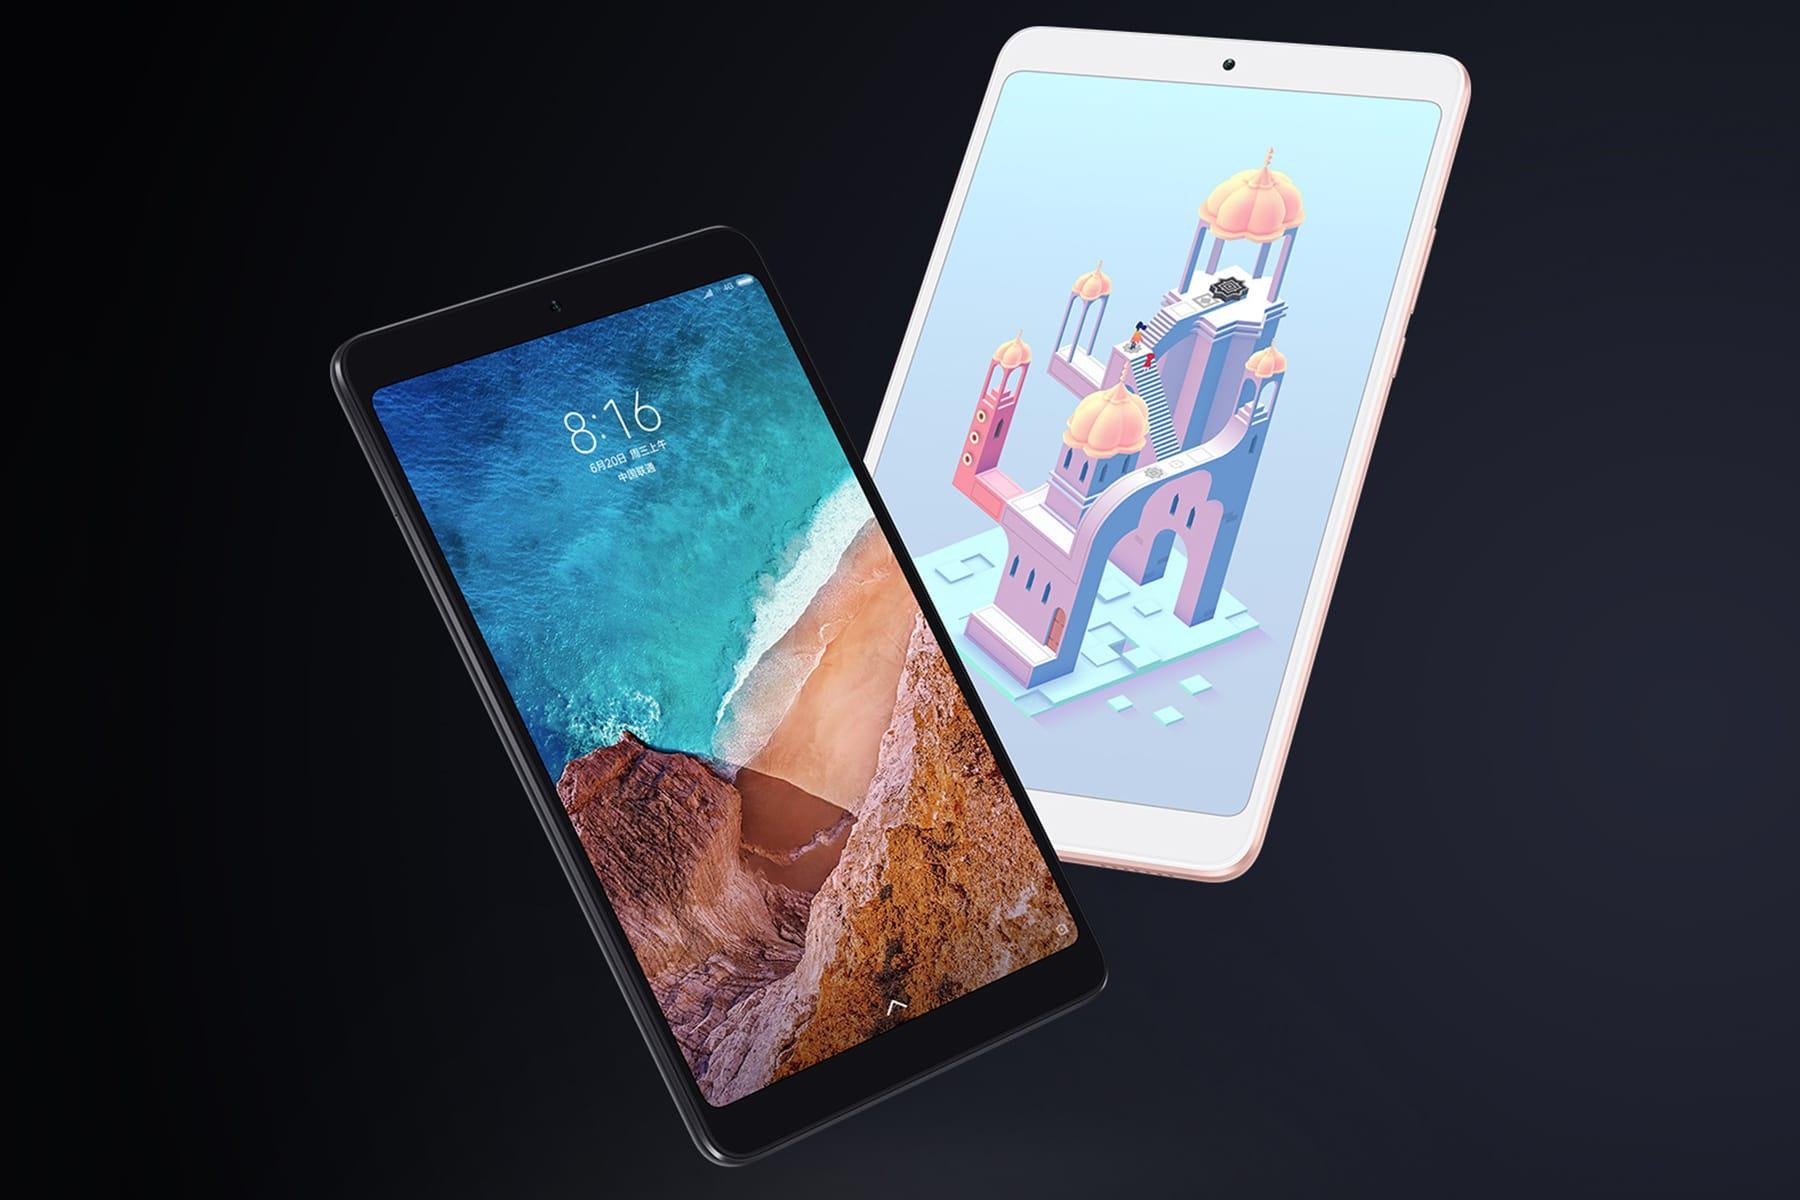 Xiaomi Mi Pad 4 2018